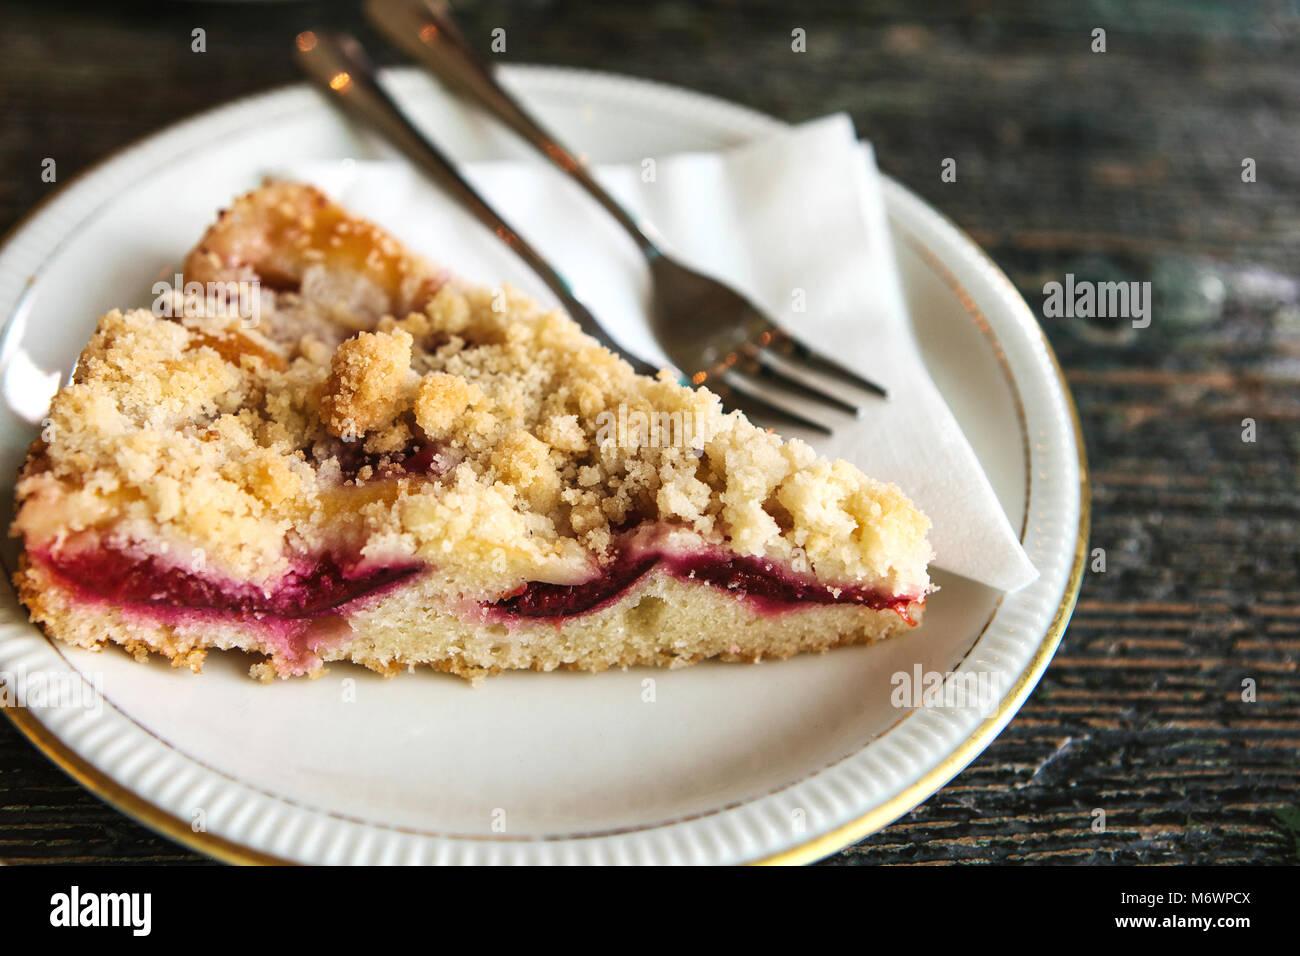 Pezzo di torta dolce con dessert forcella su una piastra su una superficie di legno in cafe Immagini Stock